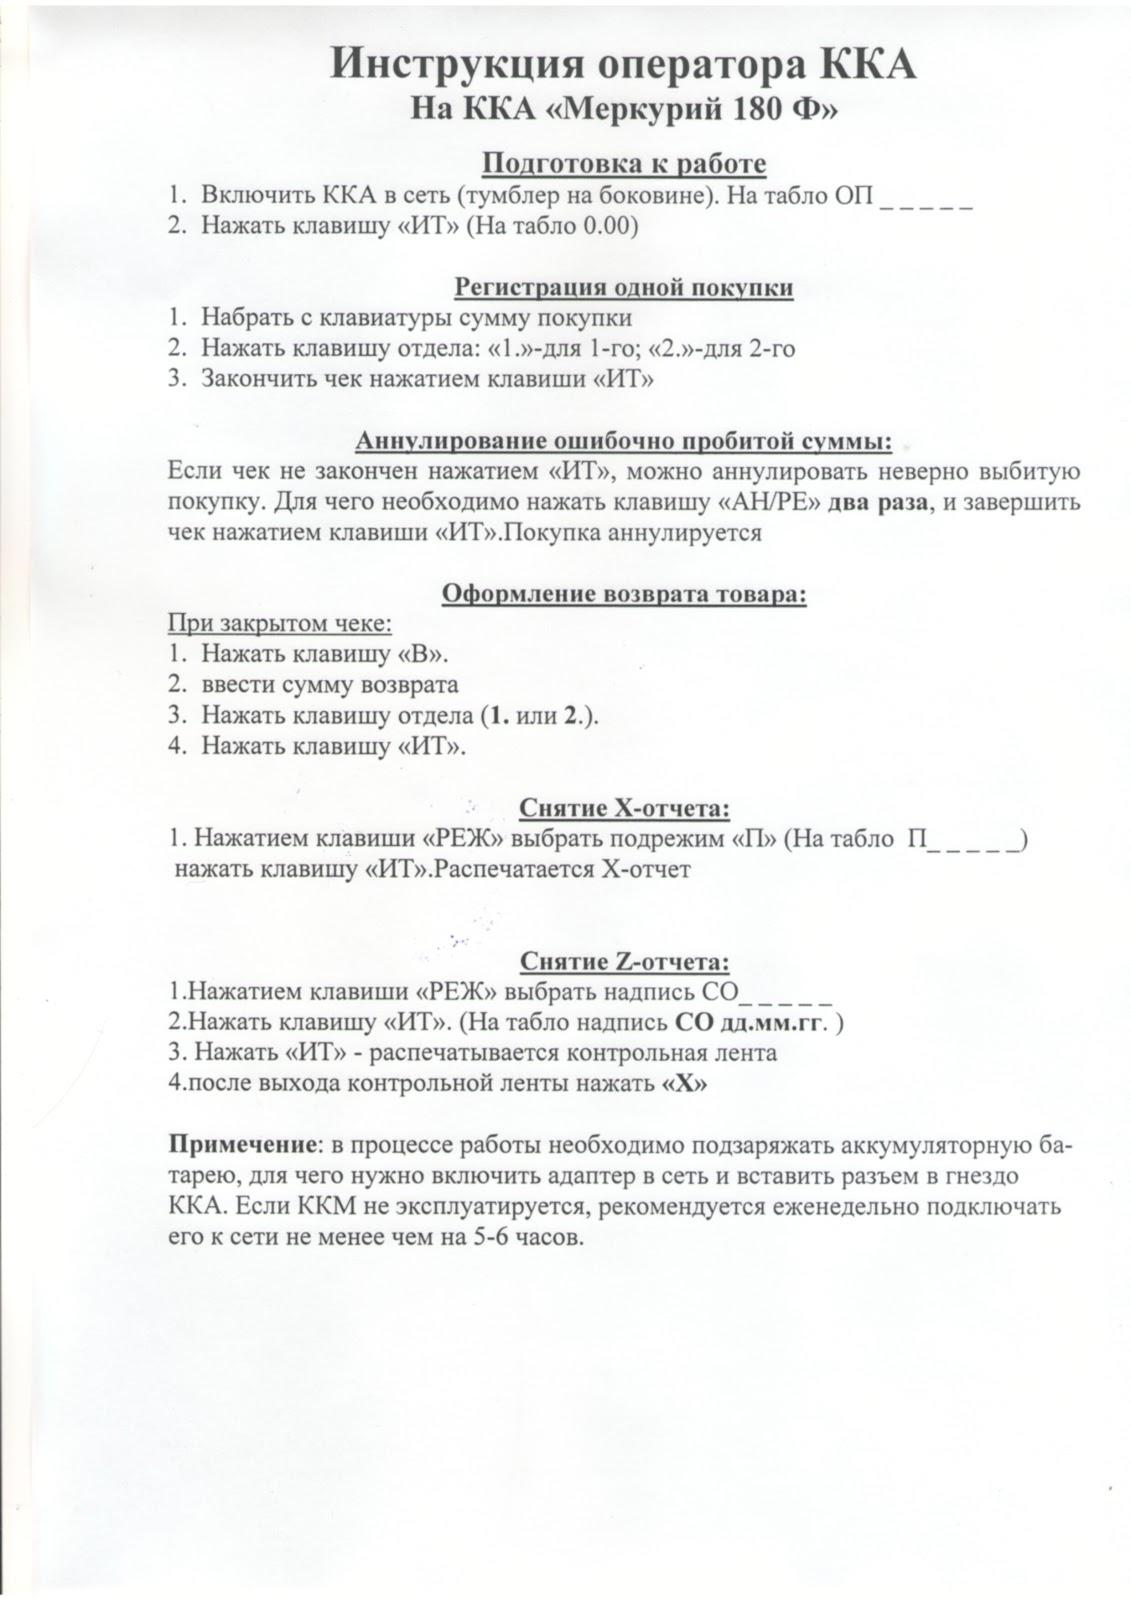 т309-02-25 Как делать возврат на ККМ, порядок